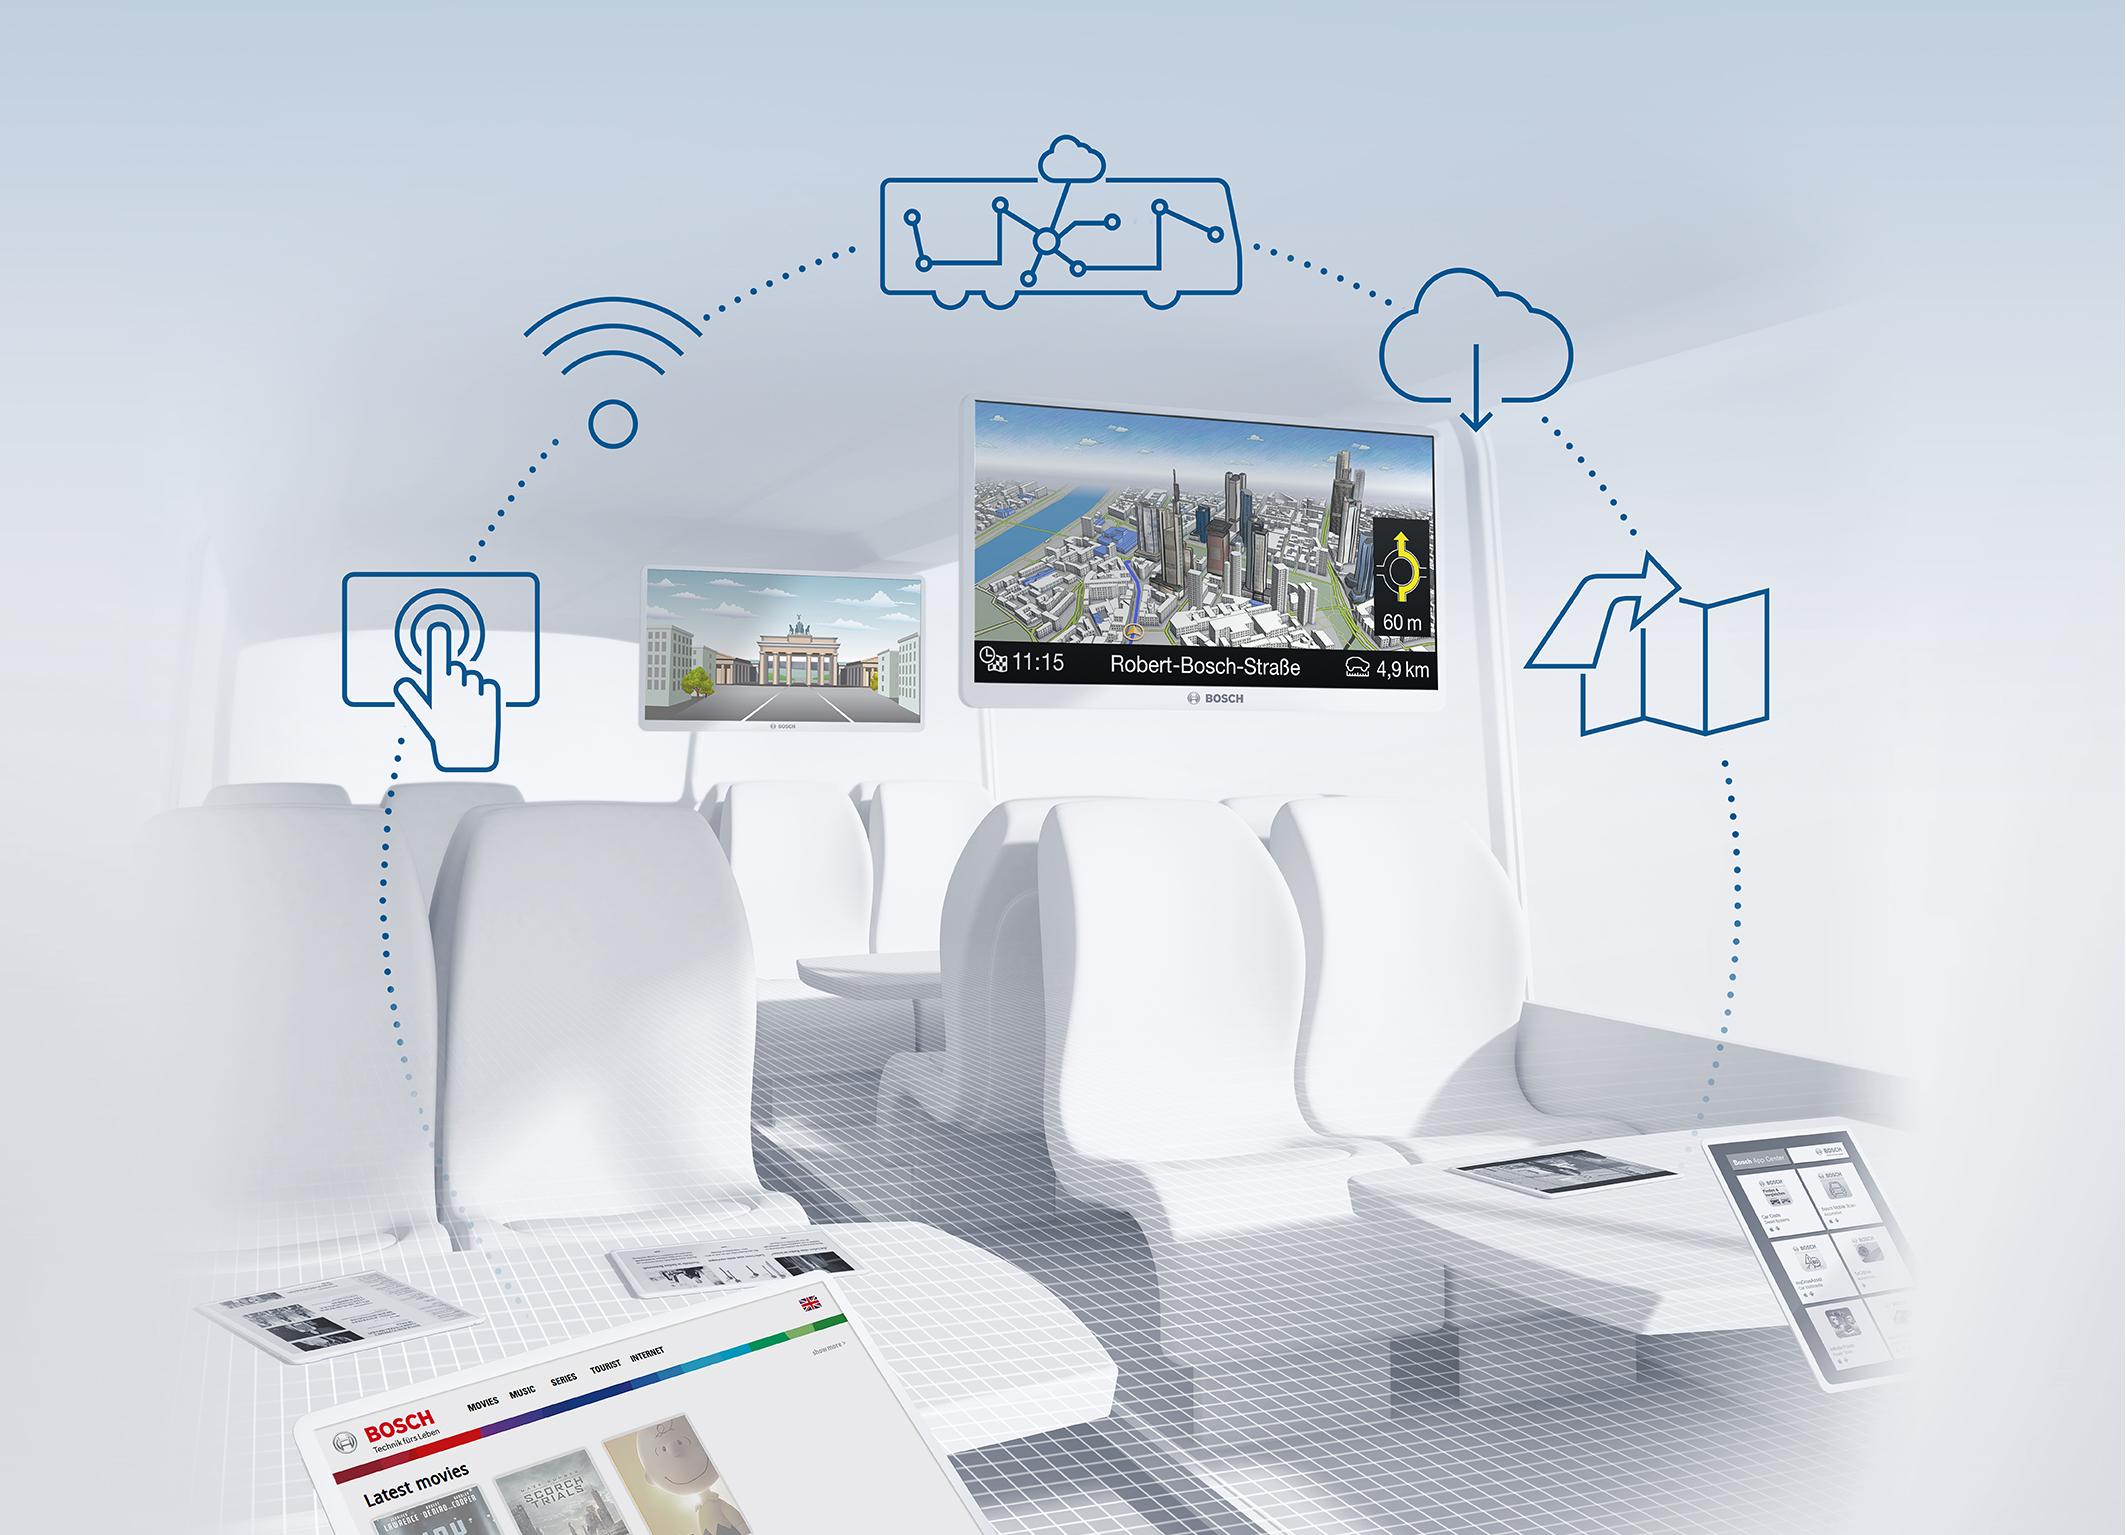 Bosch turns the passenger cabin into an entertainment center